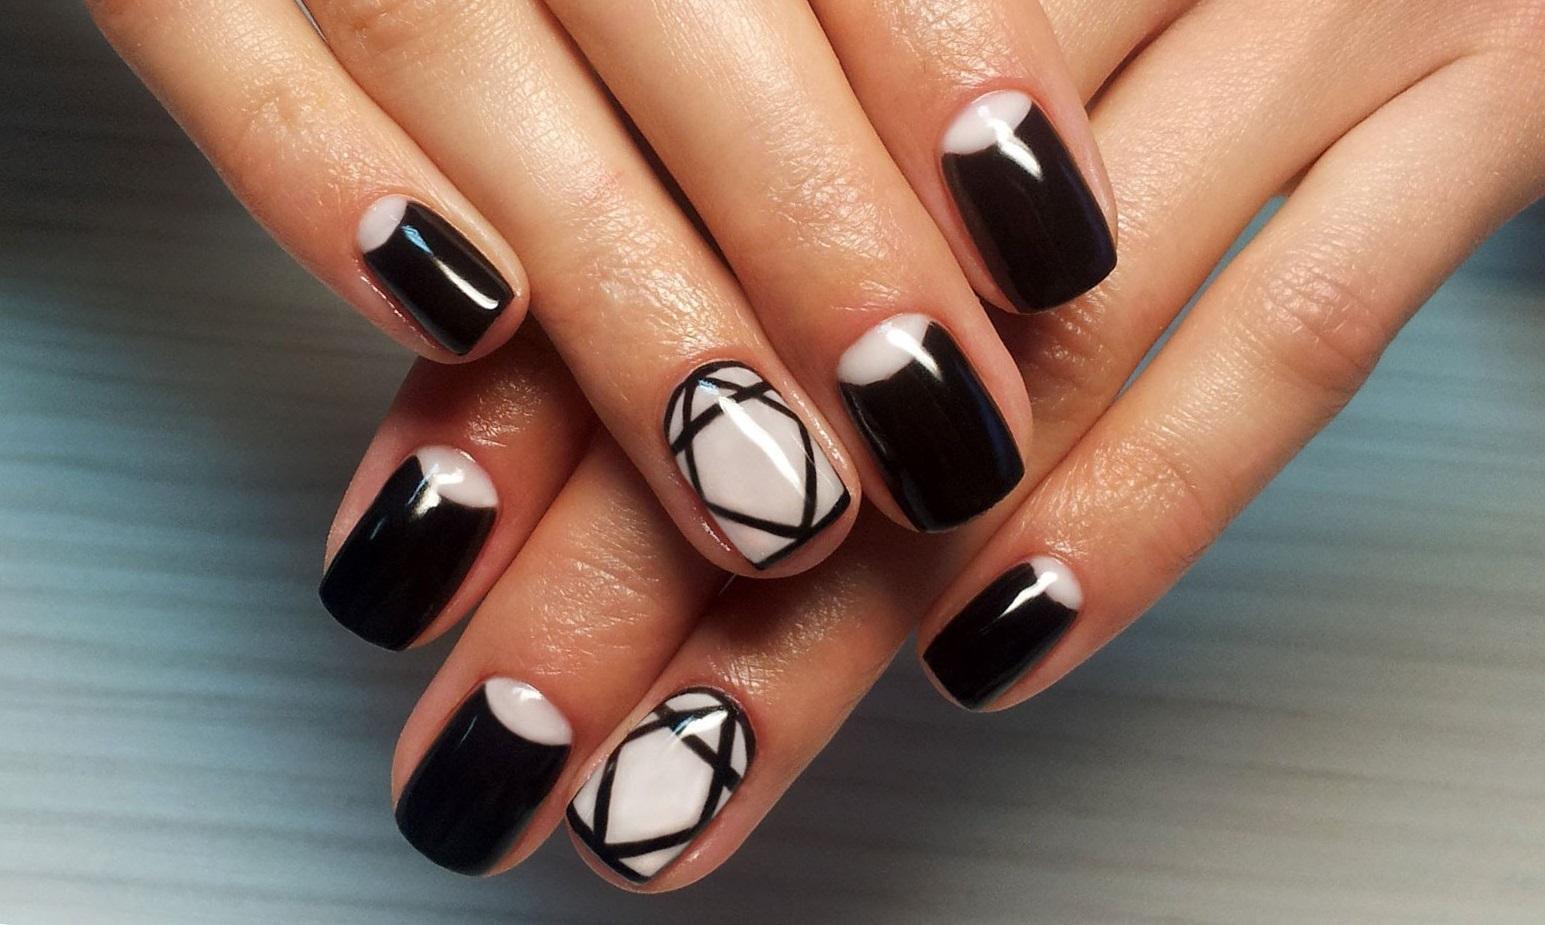 Ногти черные с белым шикарные